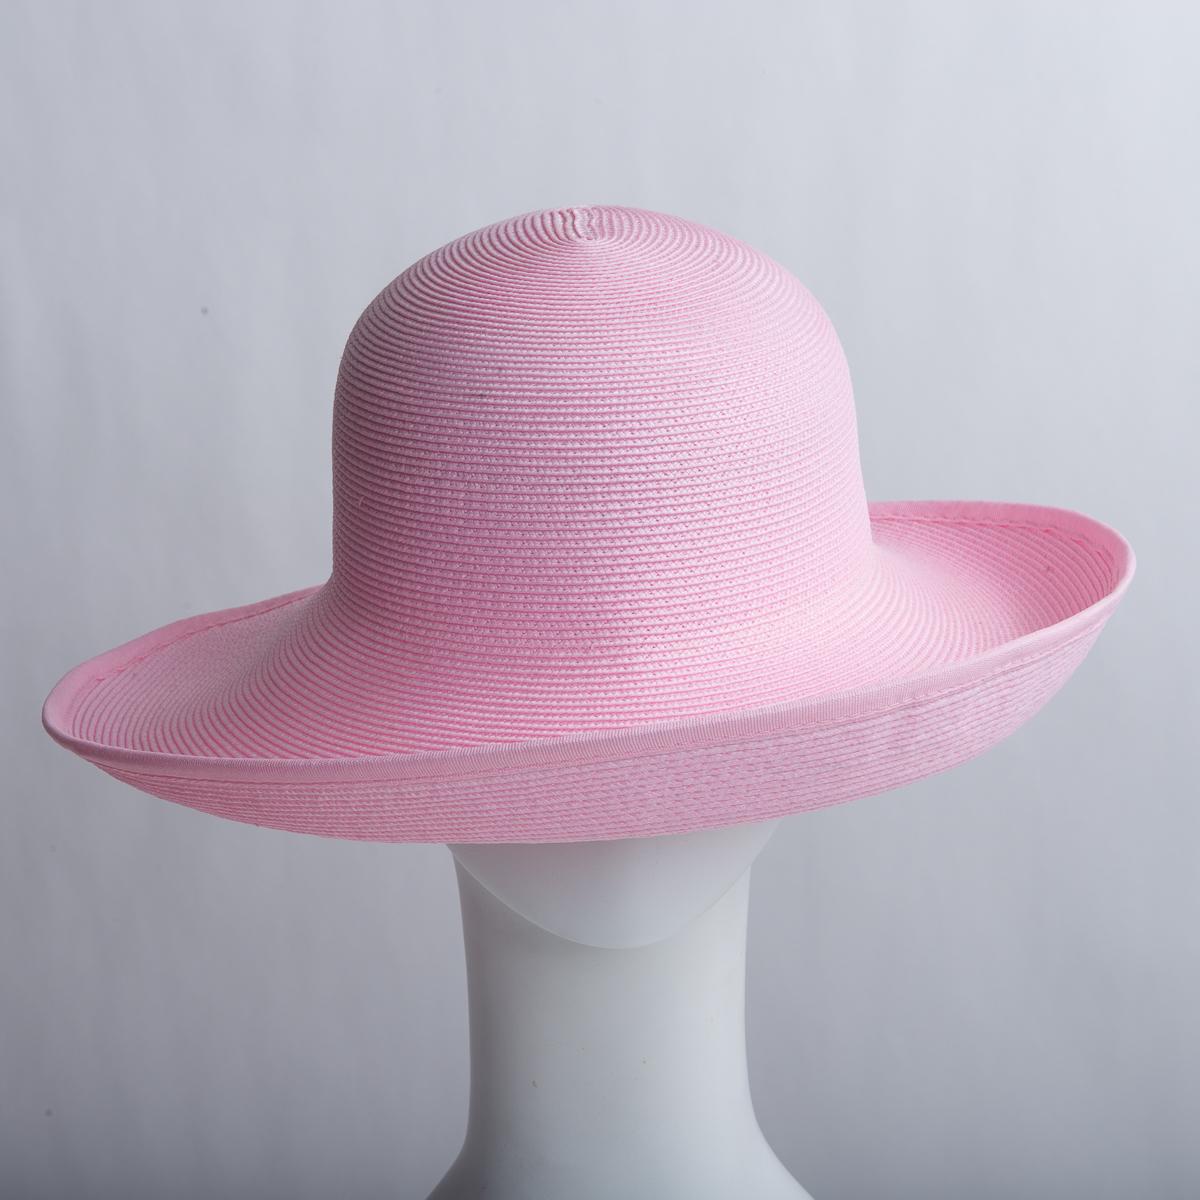 a3fb3937f63ba9 Dull Polypropylene Straw Medium Brim Plain Hats-Y7004_88- Sun Yorkos | Zoria